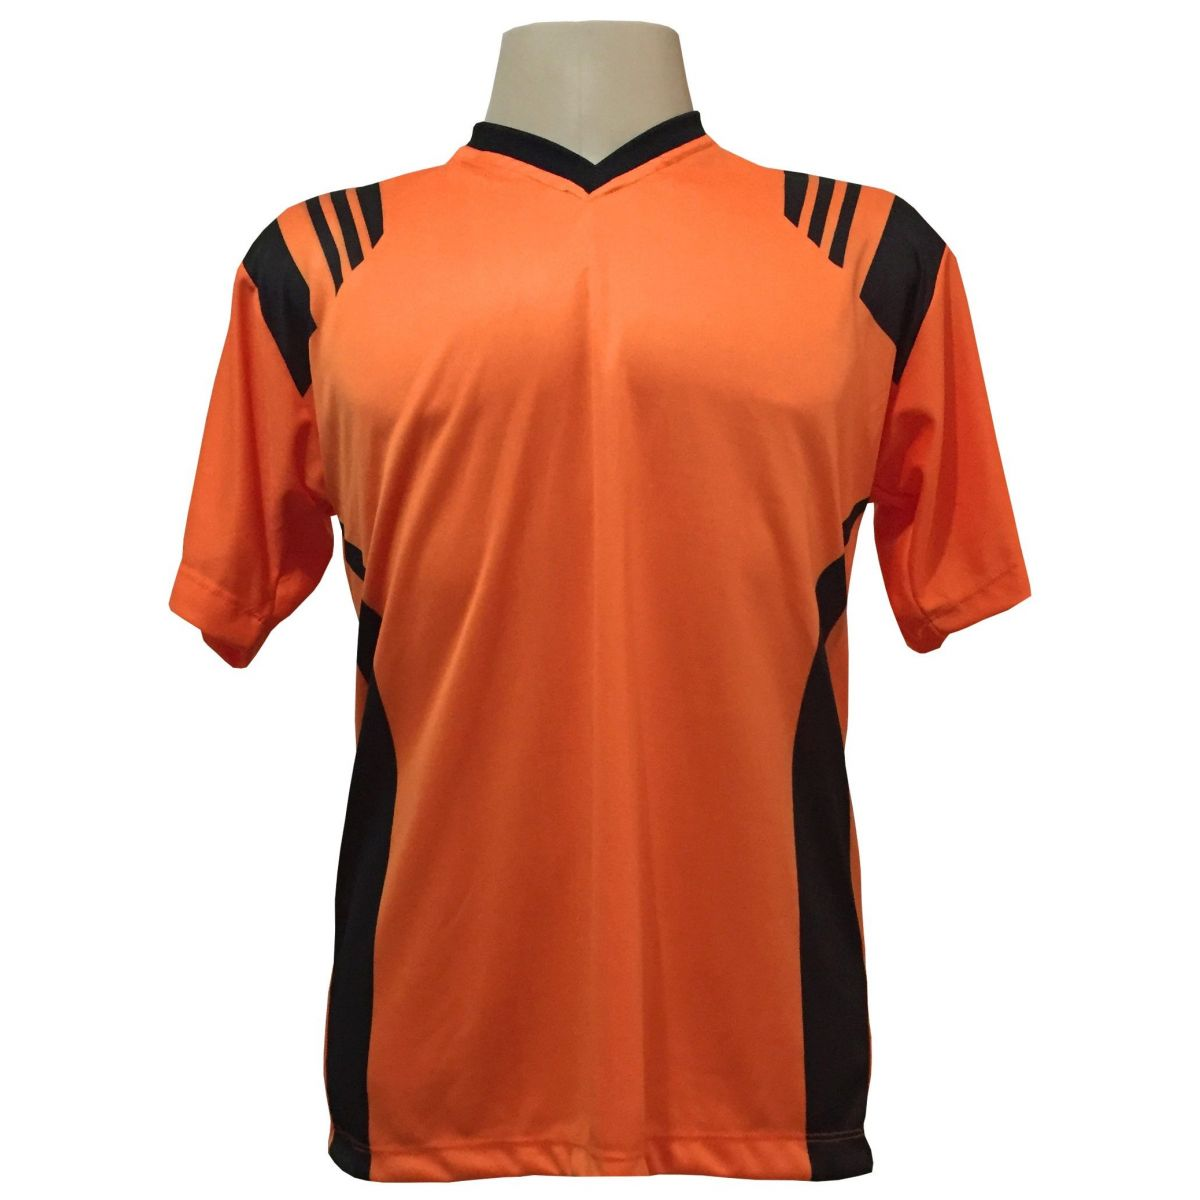 Uniforme Esportivo com 18 camisas modelo Roma Laranja/Preto + 18 calções modelo Madrid Preto + Brindes